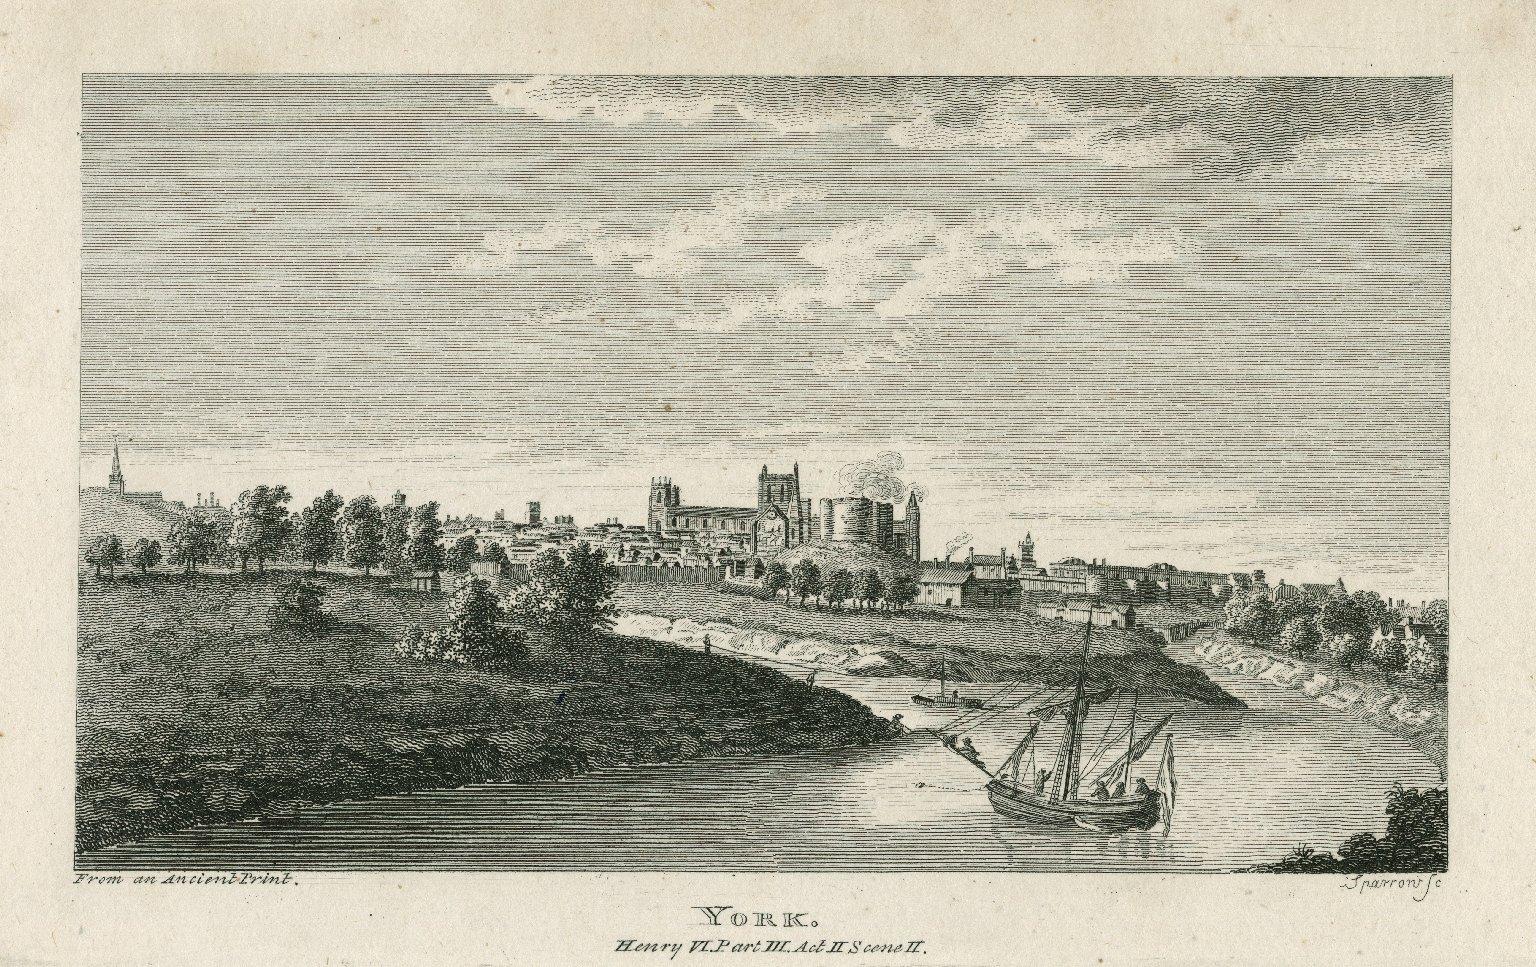 York, Henry VI, part III, act II, scene II [graphic] / Sparrow, sc.